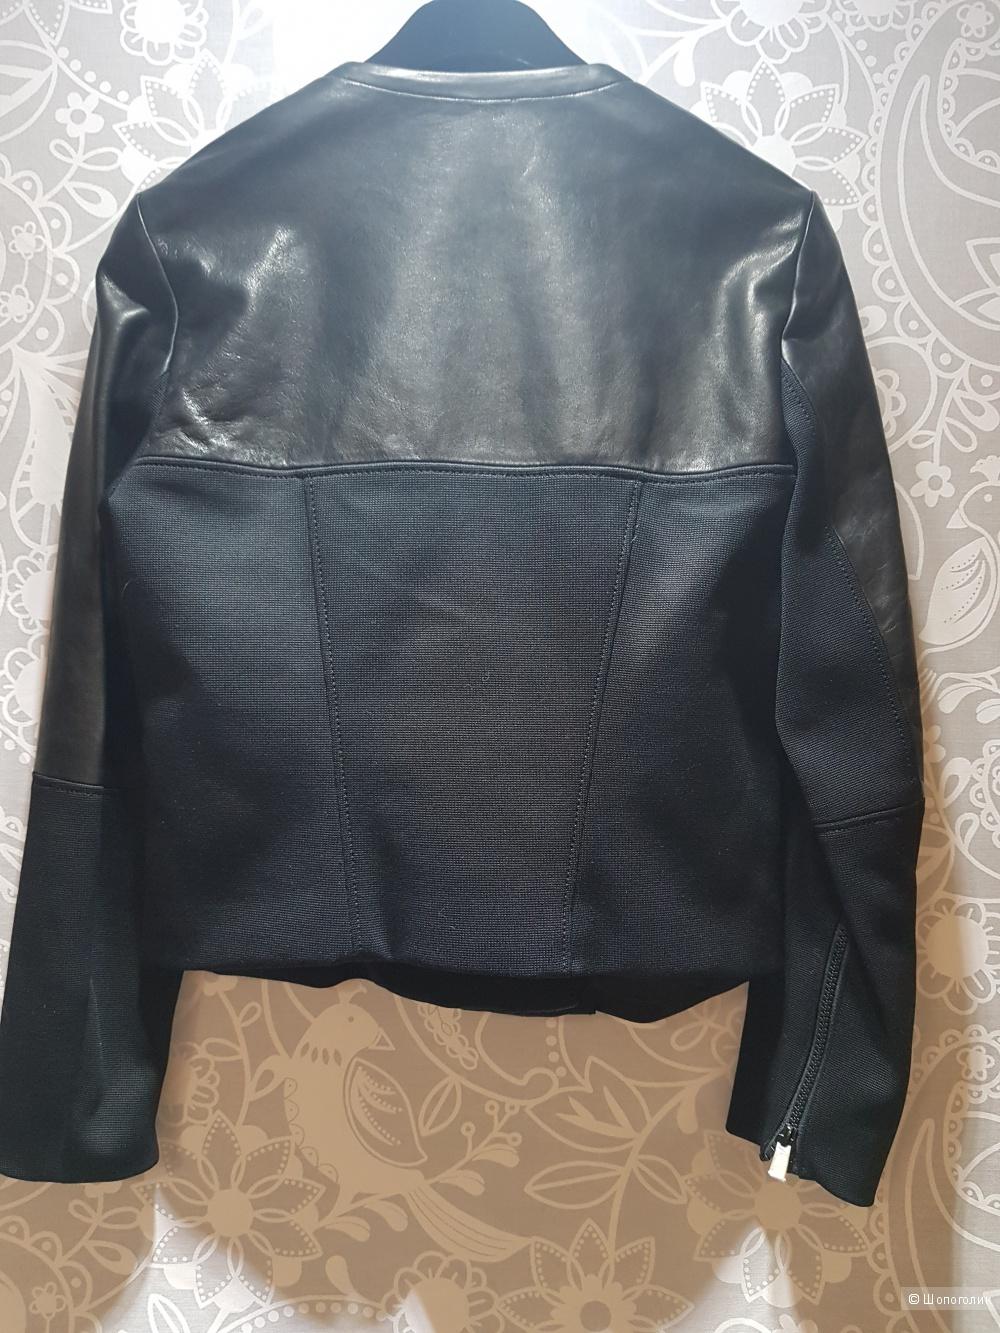 Женская куртка HELMUT LANG. р.S